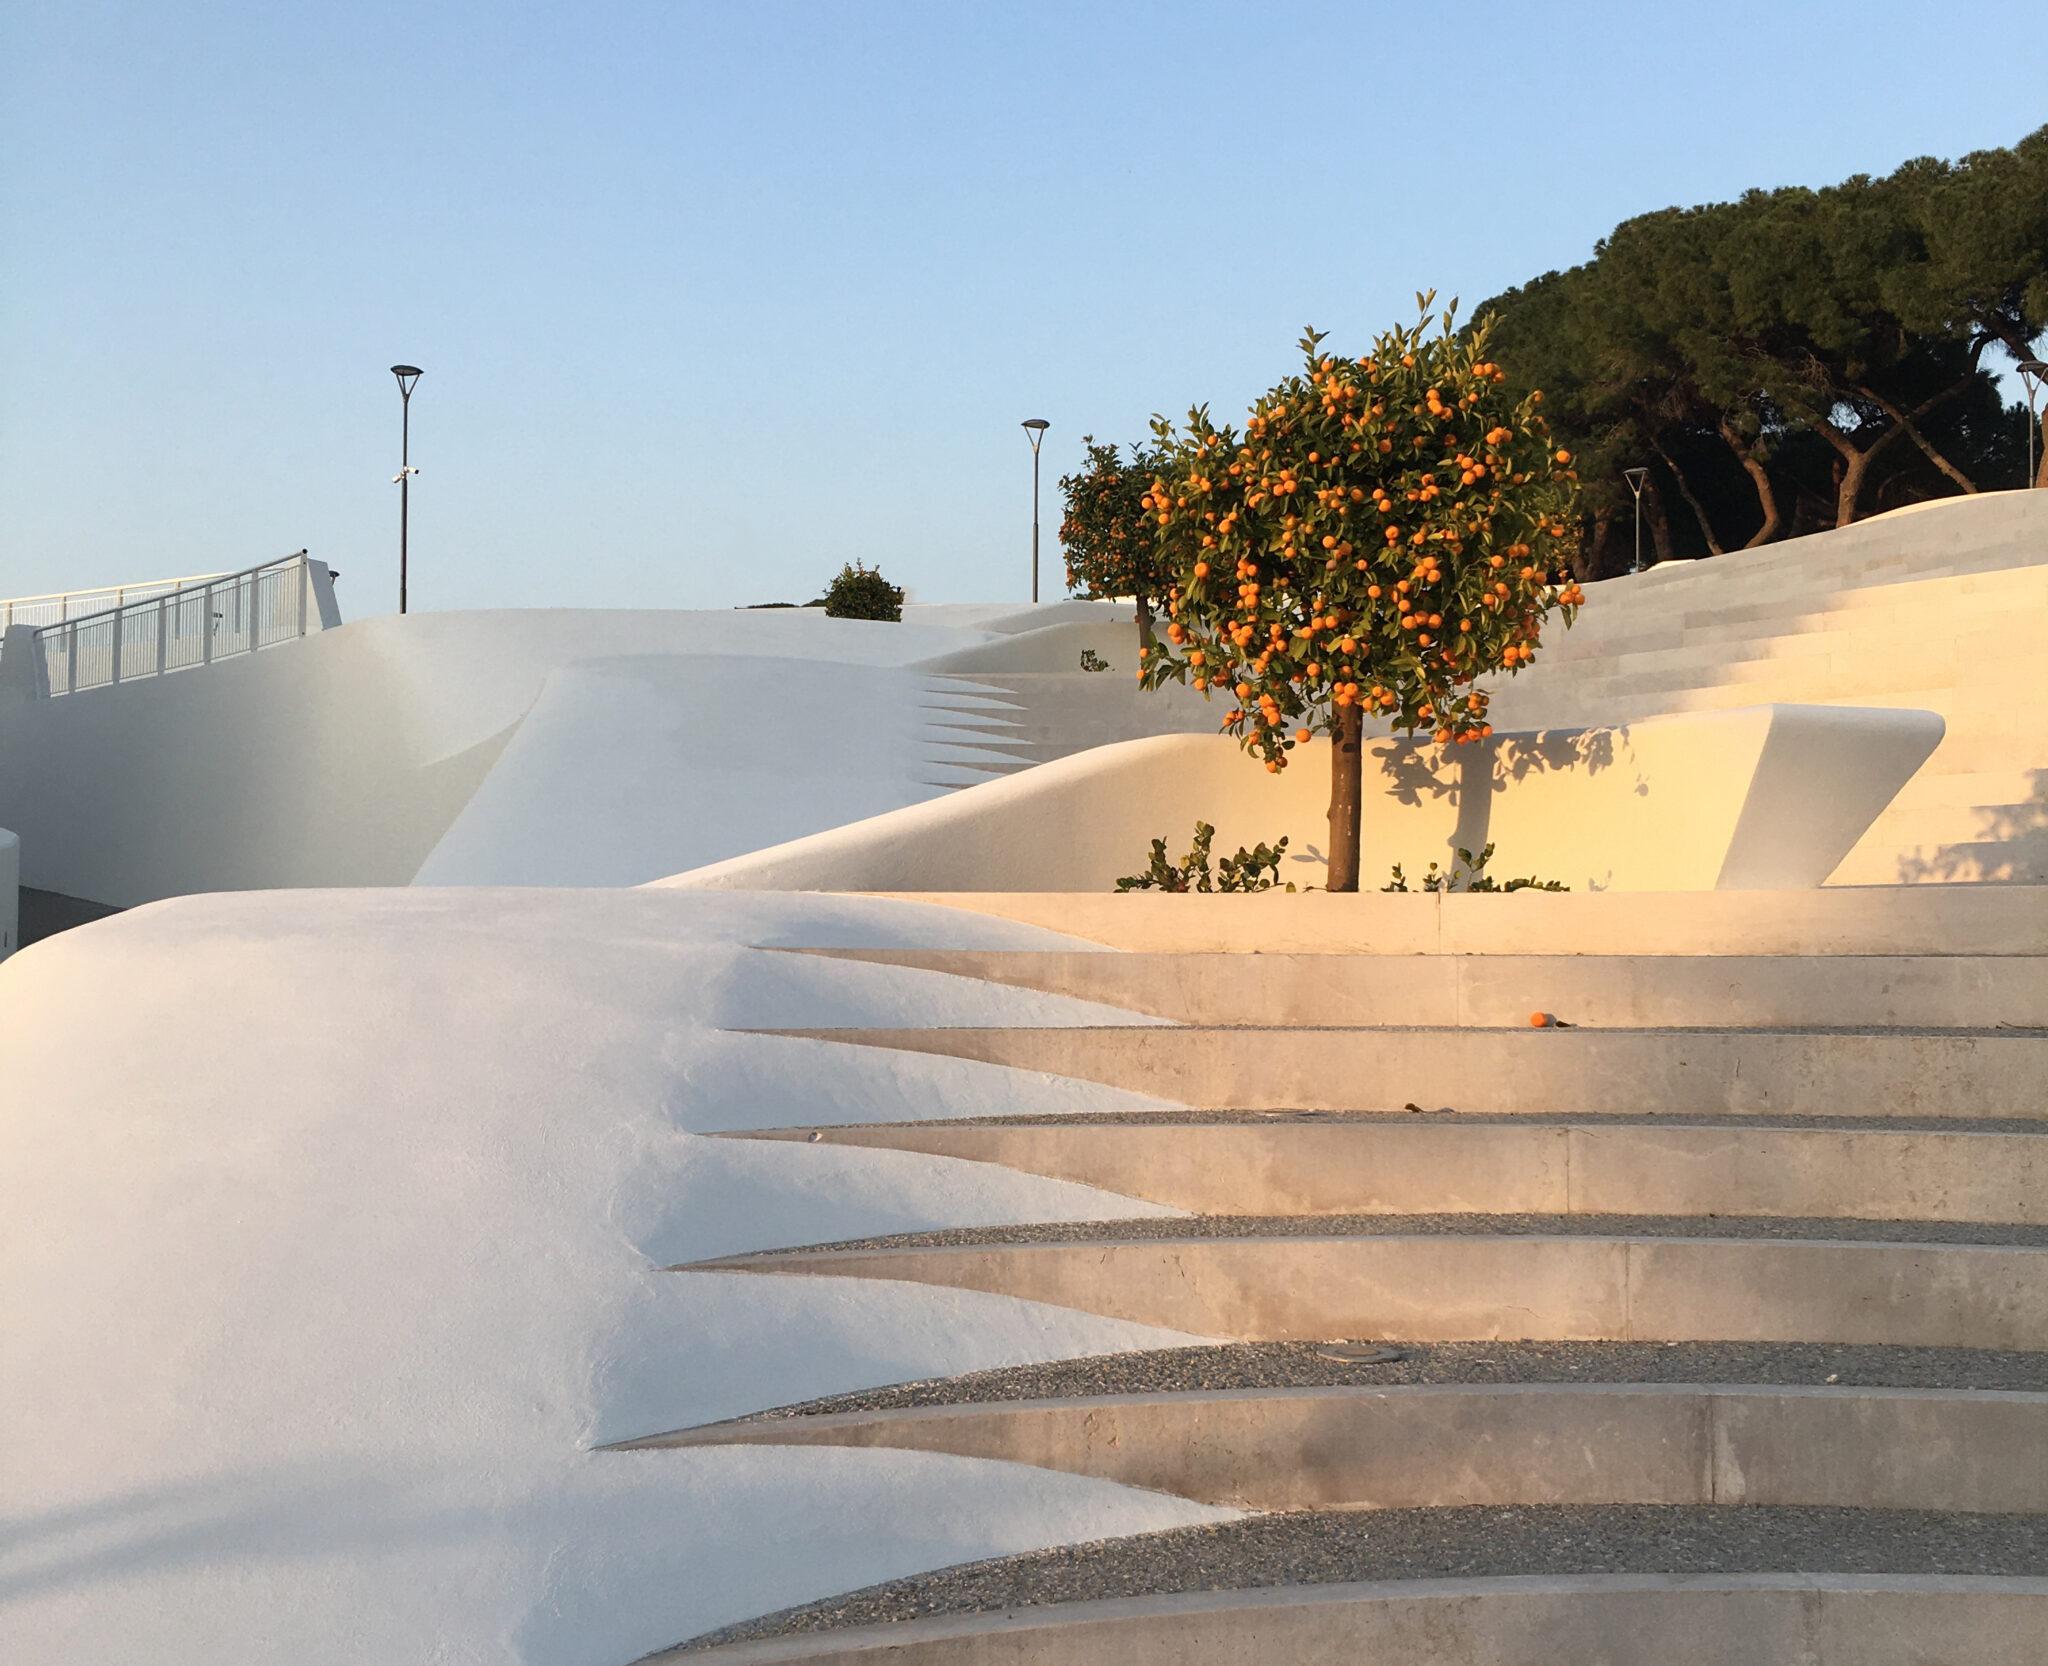 How we experienced Zaha Hadid Architects' project